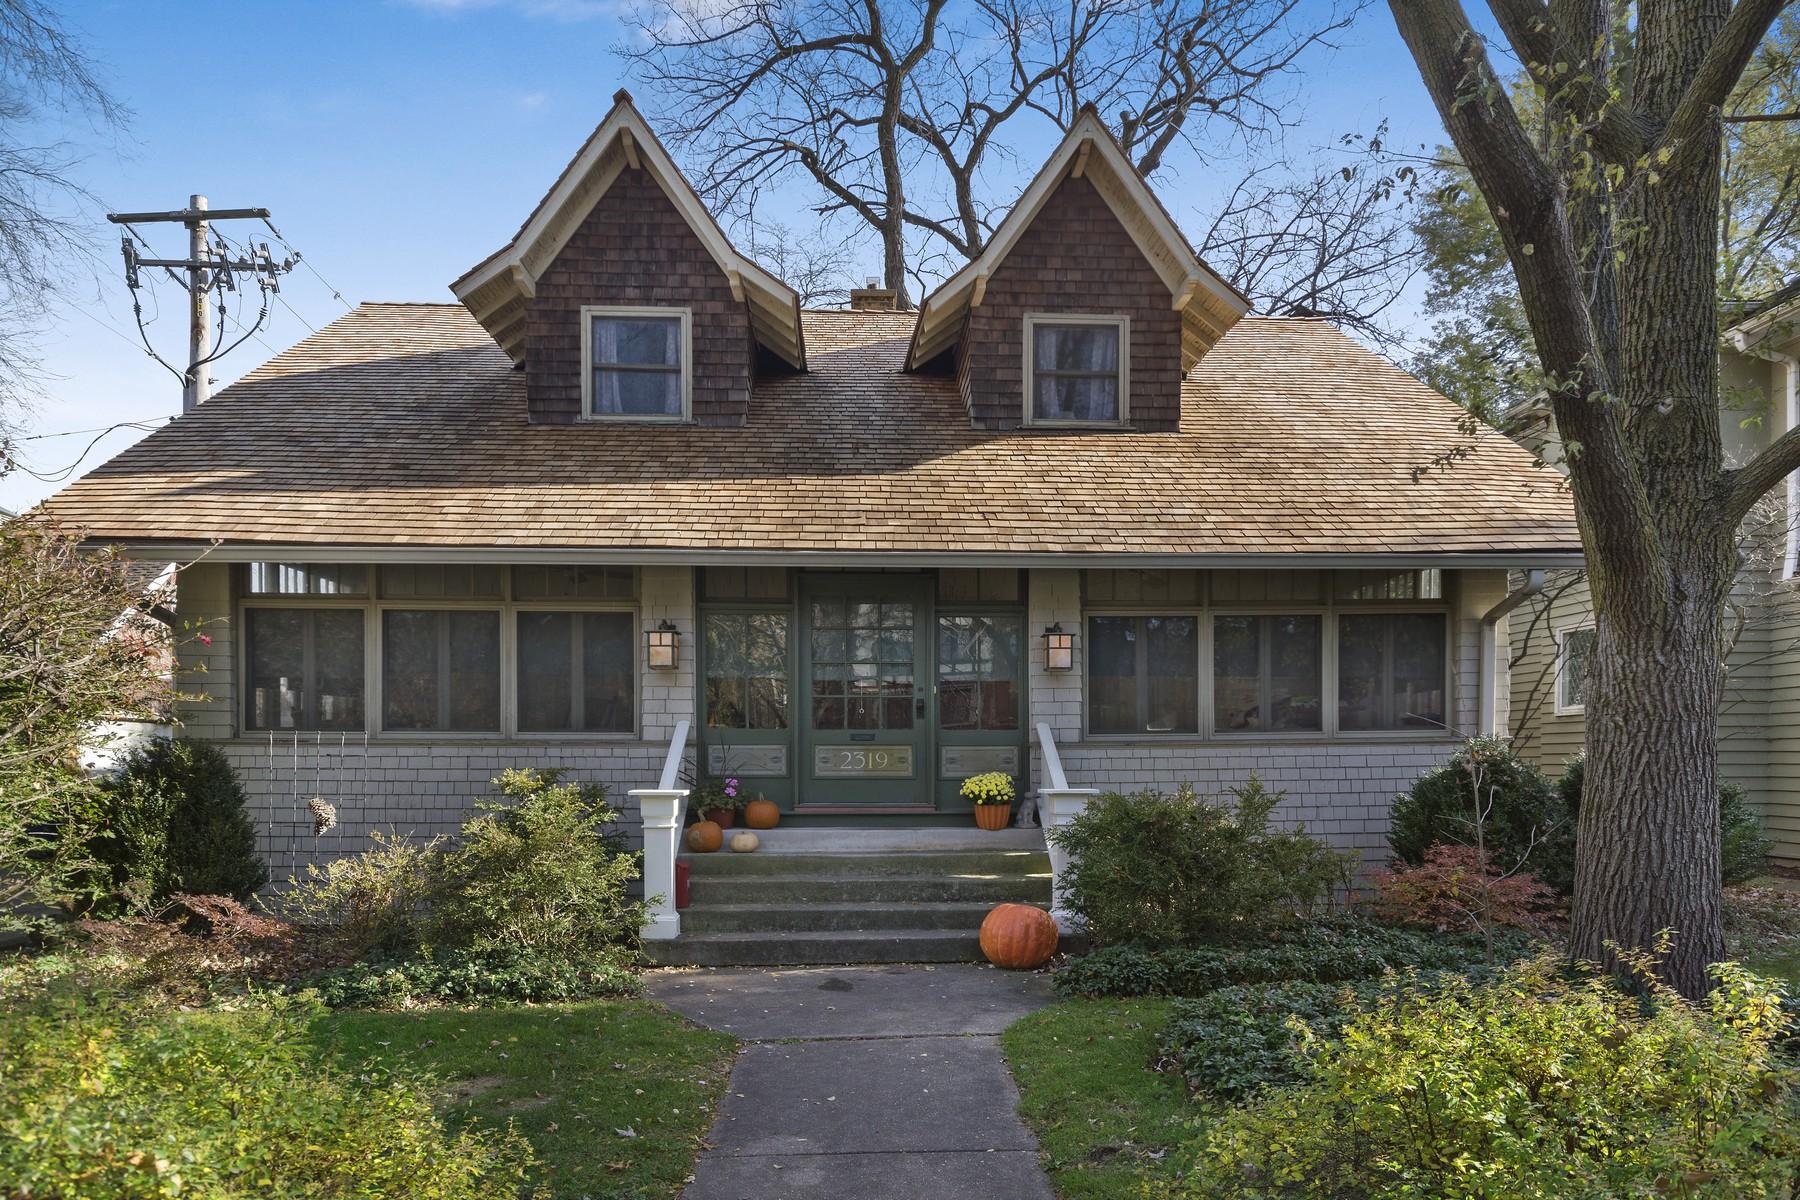 Maison unifamiliale pour l Vente à Charming Arts And Crafts Landmark Home 2319 Sherman Avenue Evanston, Illinois, 60201 États-Unis